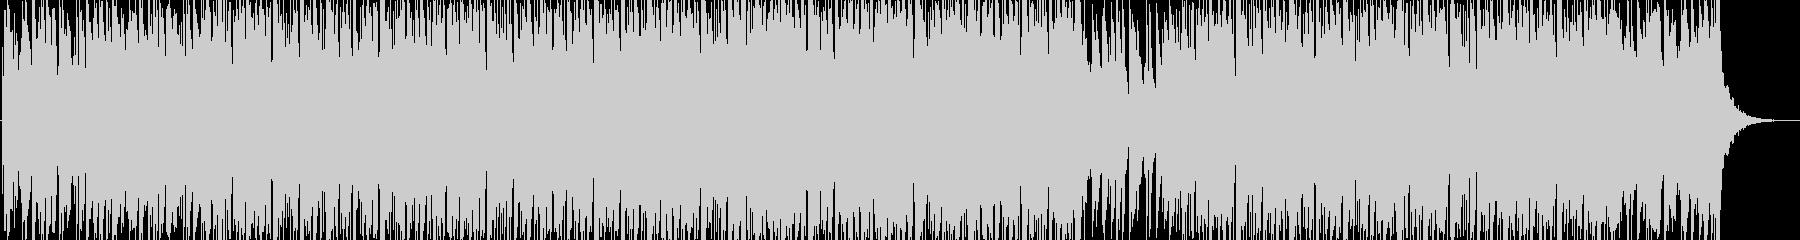 浮遊感のあるシリアスな電子音楽 longの未再生の波形